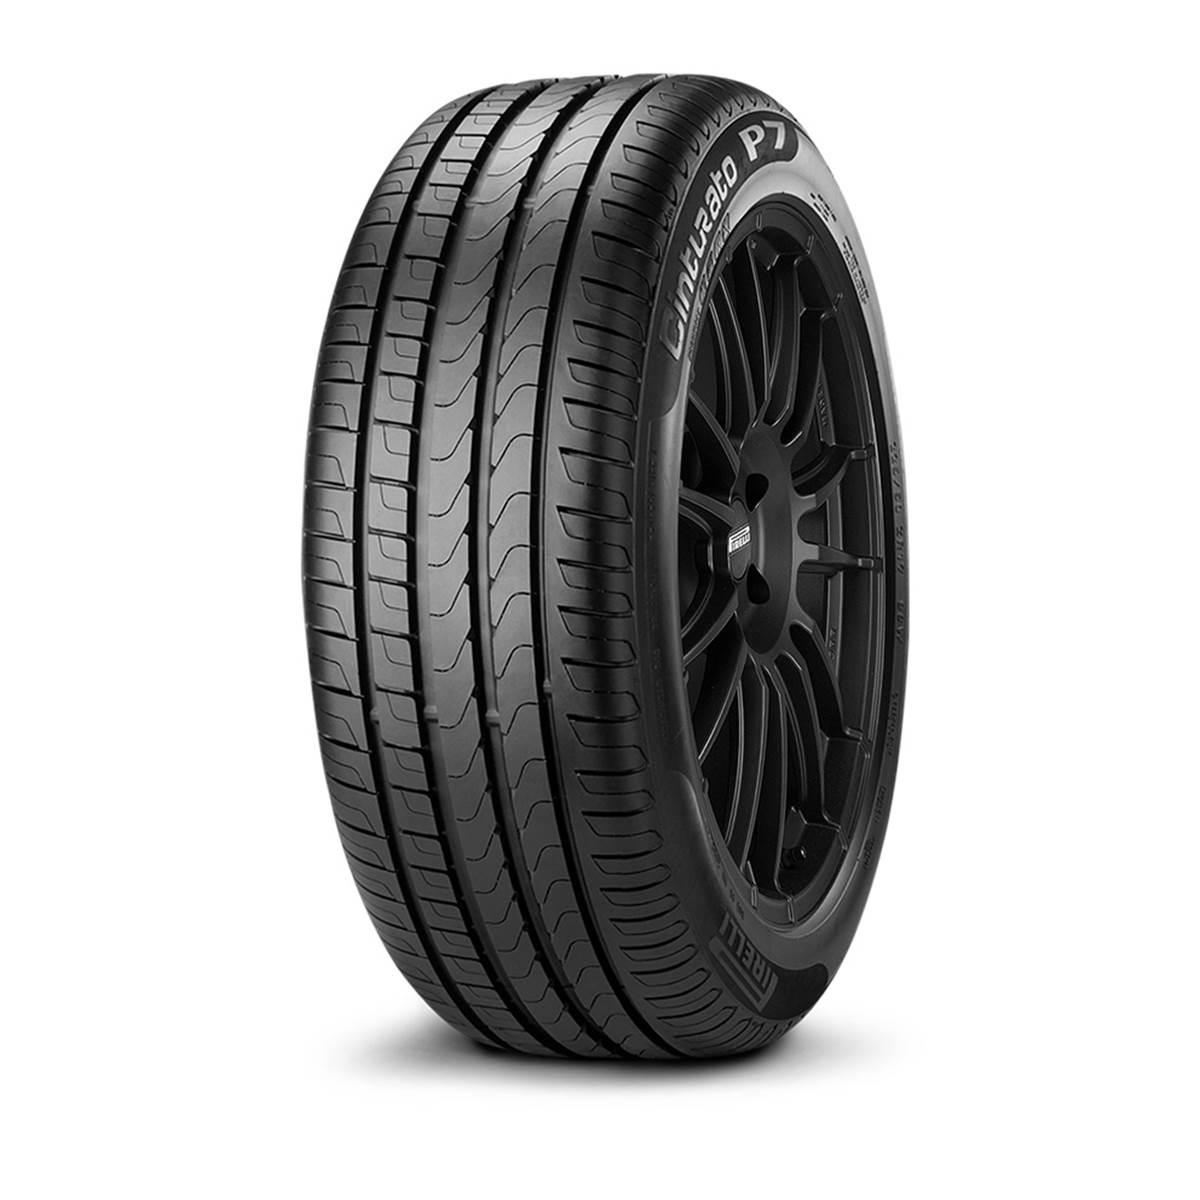 Pneu Pirelli 225/45R18 95Y Cinturato P7 XL